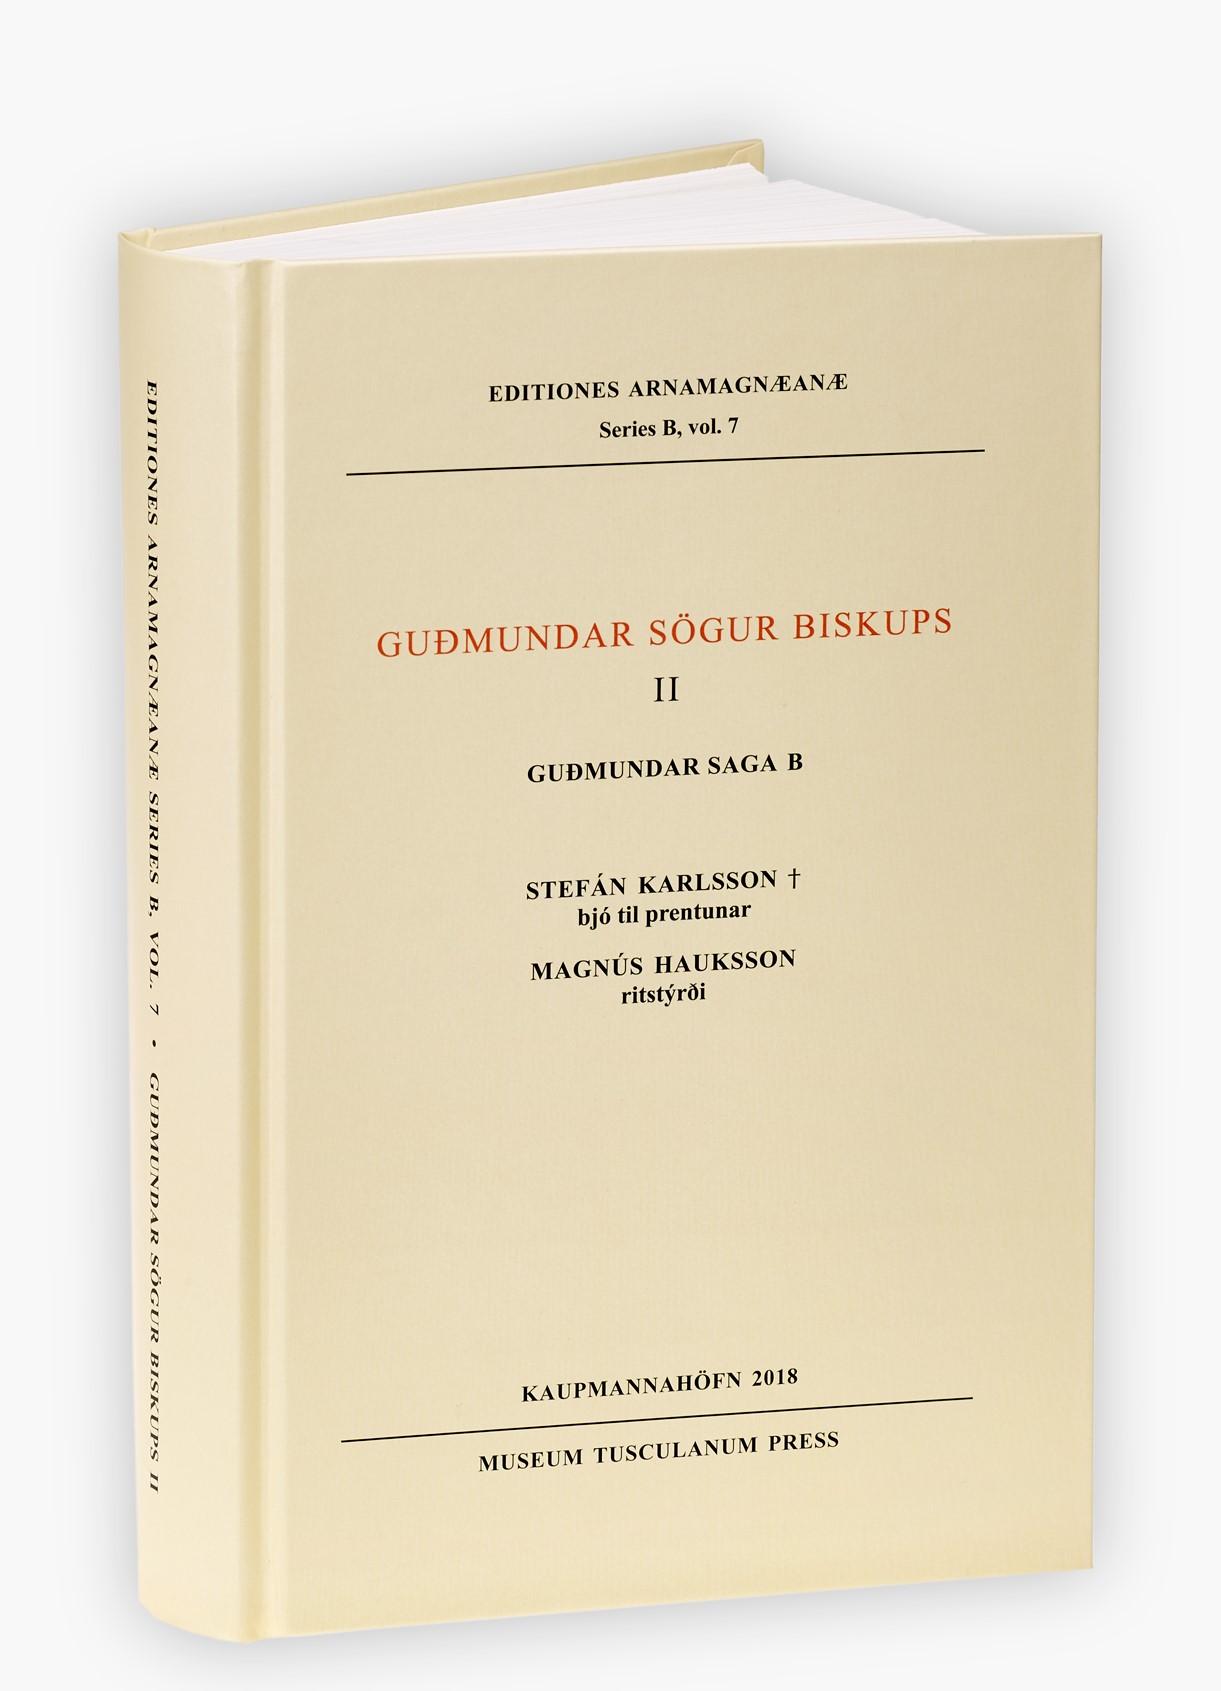 Read more about: Guðmundar Saga B Released